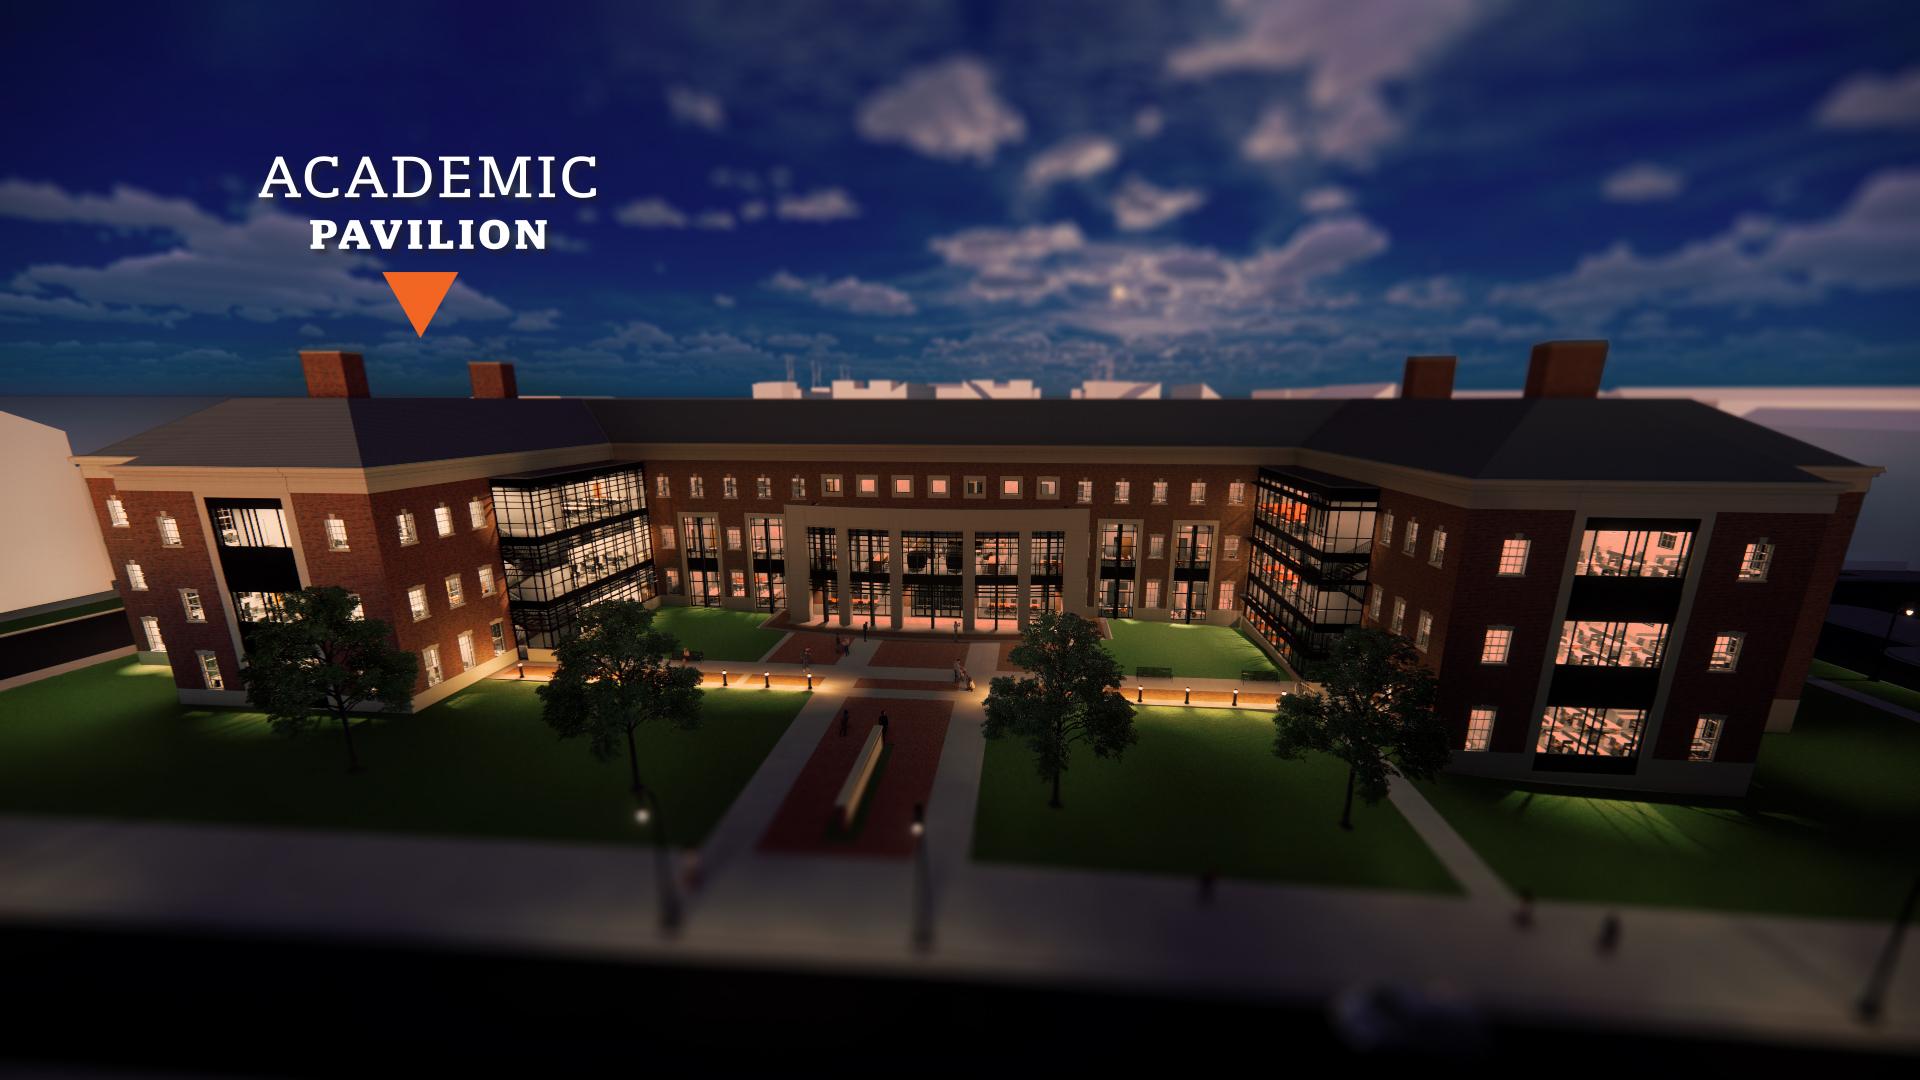 Academic Pavilion